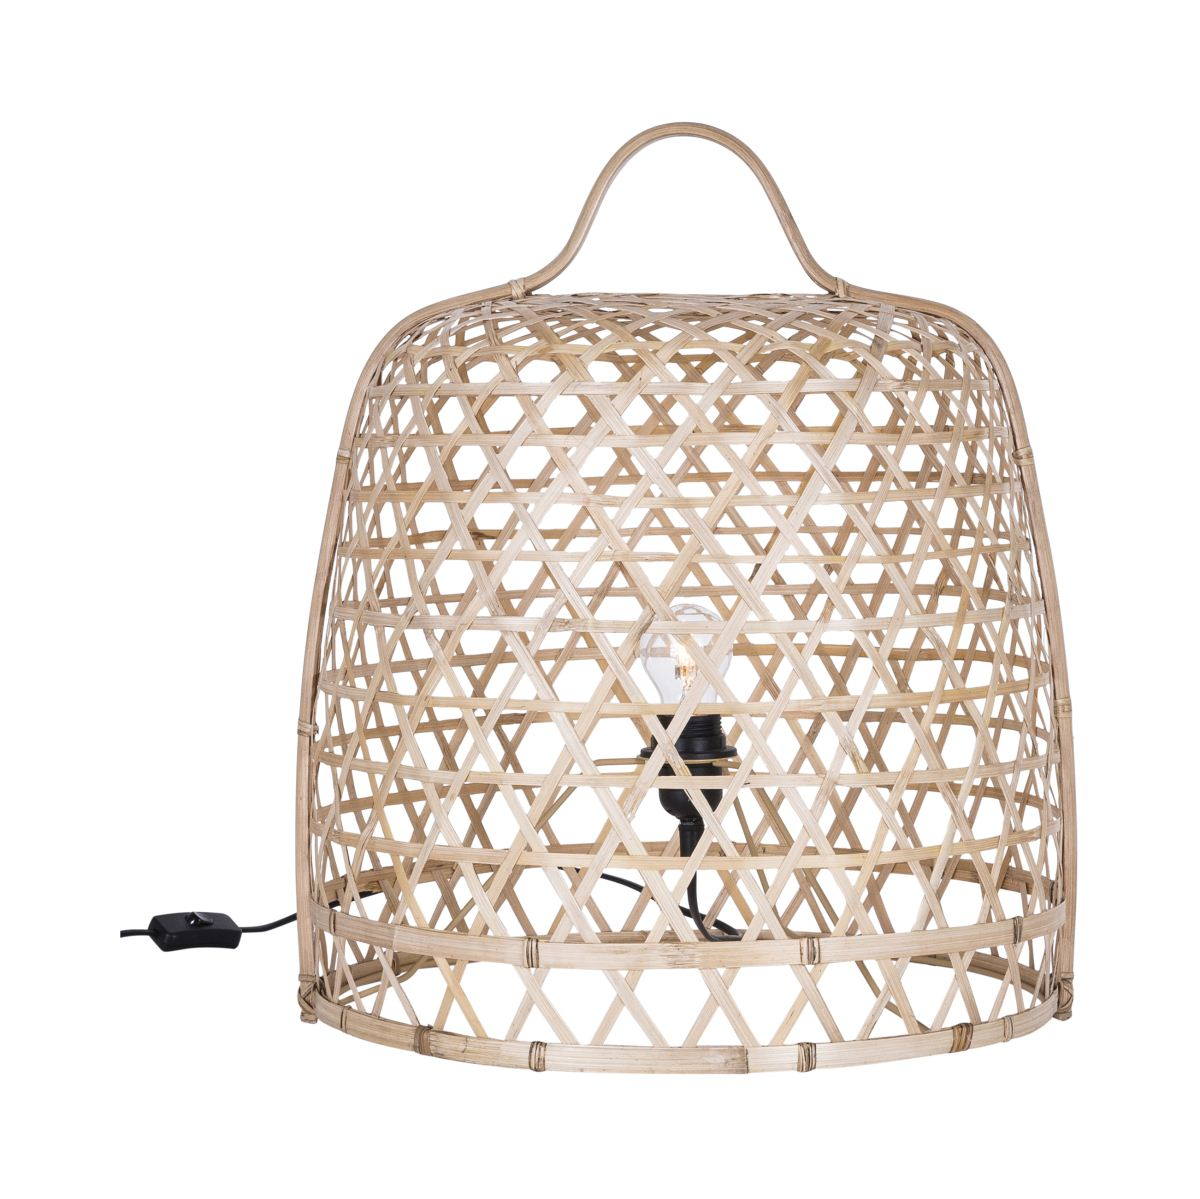 Canett octavio gulvlampe - natur fra canett fra boboonline.dk